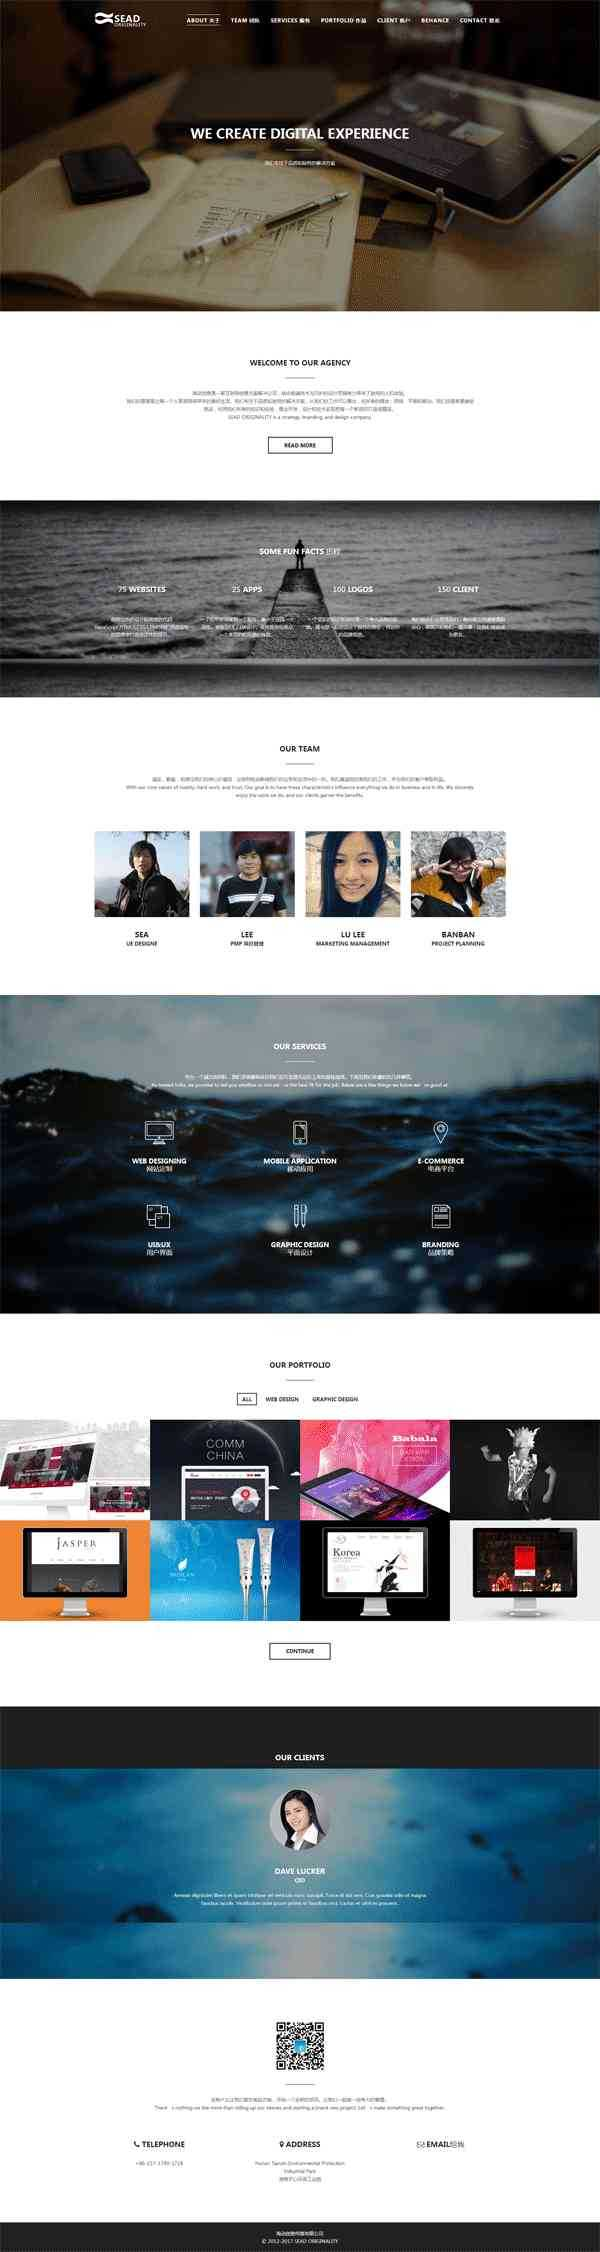 大气的设计公司案例展示视差网站模板